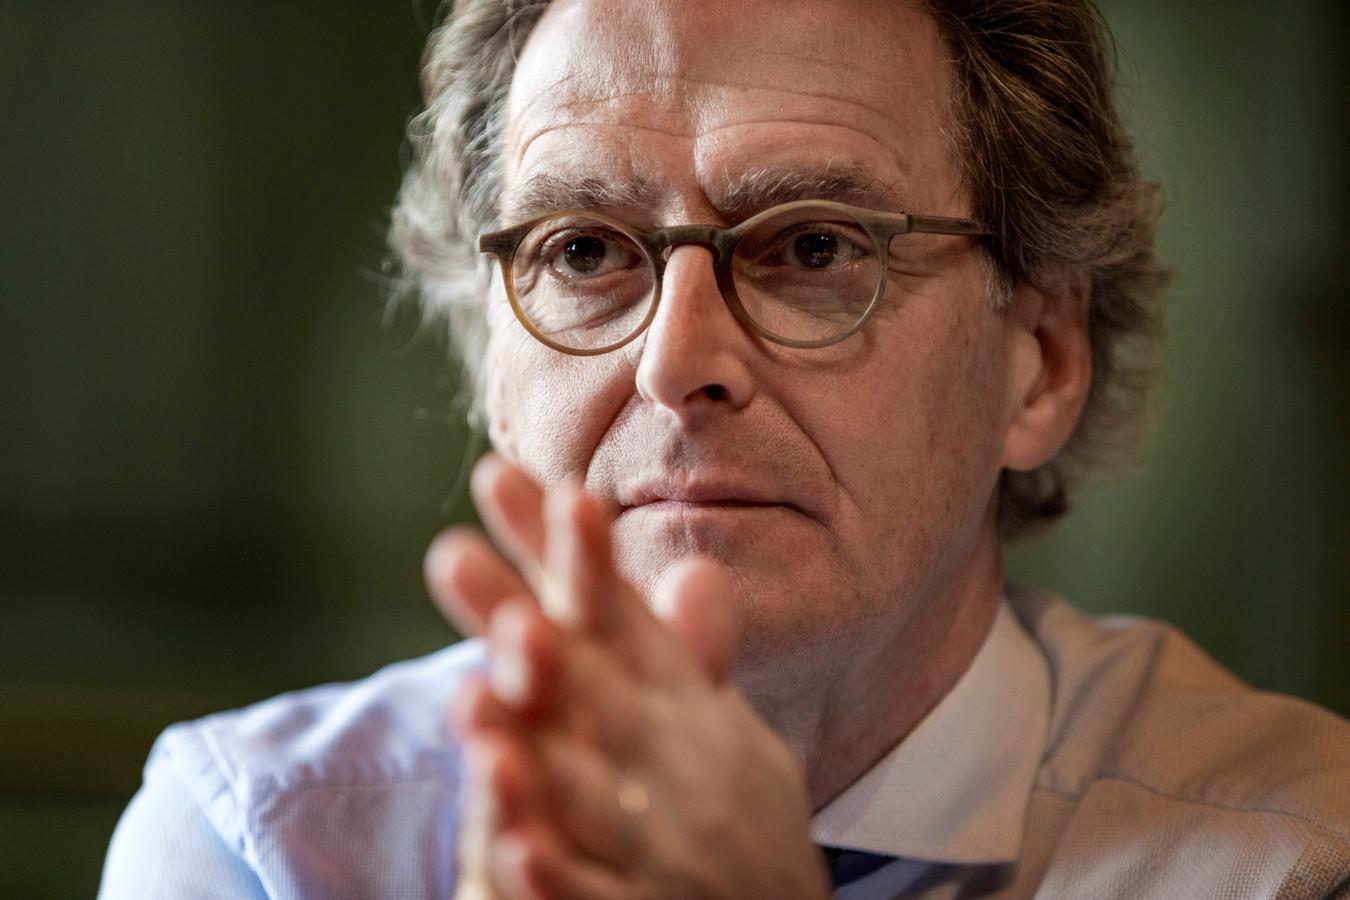 Ton Rombouts, oud-burgemeester van Den Bosch, Boxtel en Wouw: 'Veenbrand.'